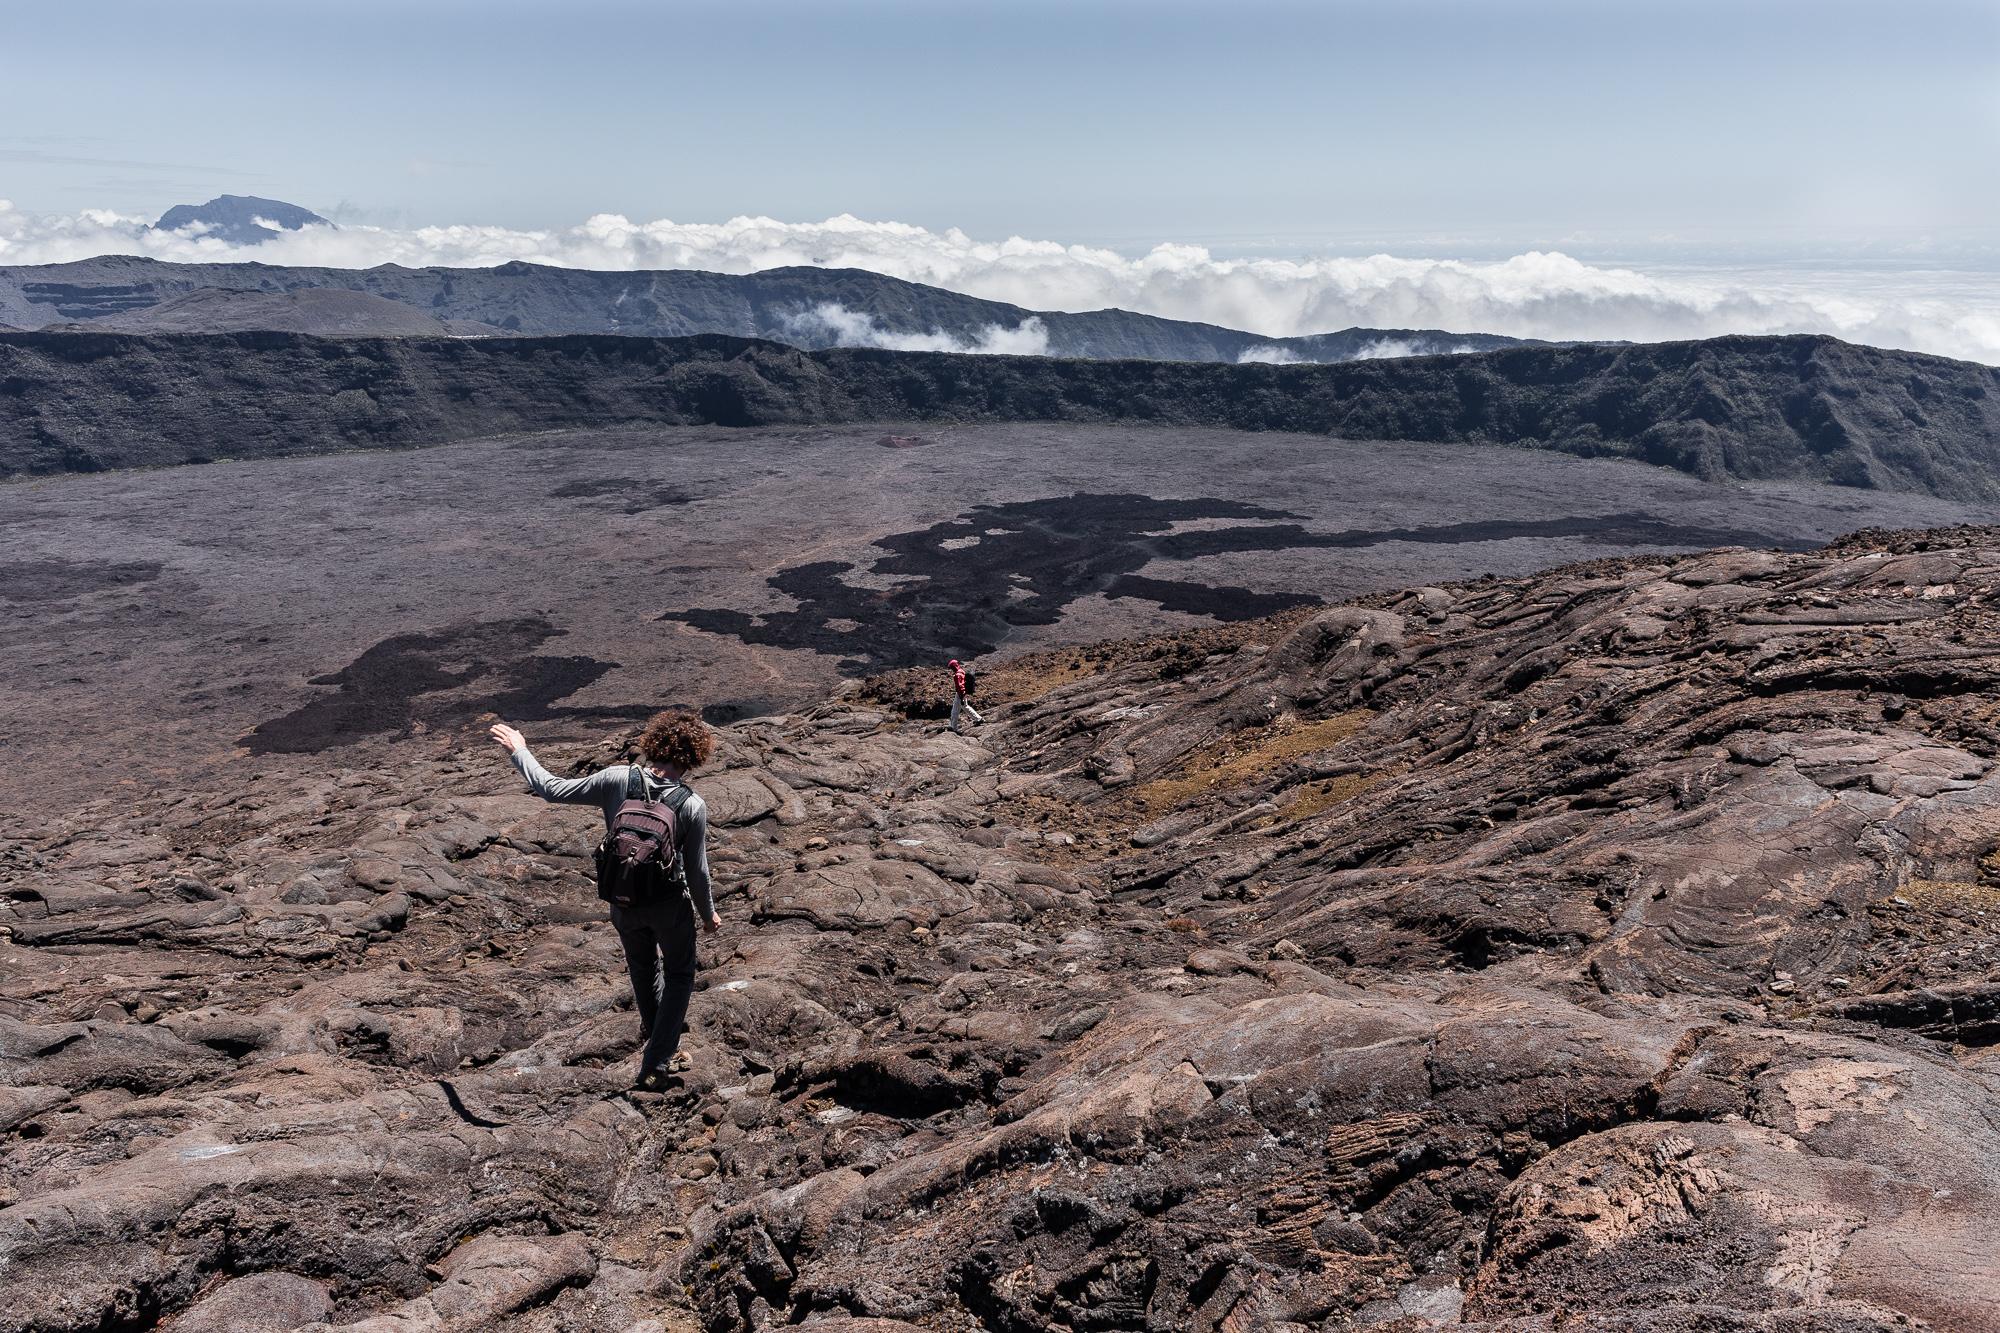 descente du cratère bory piton de la fournaise